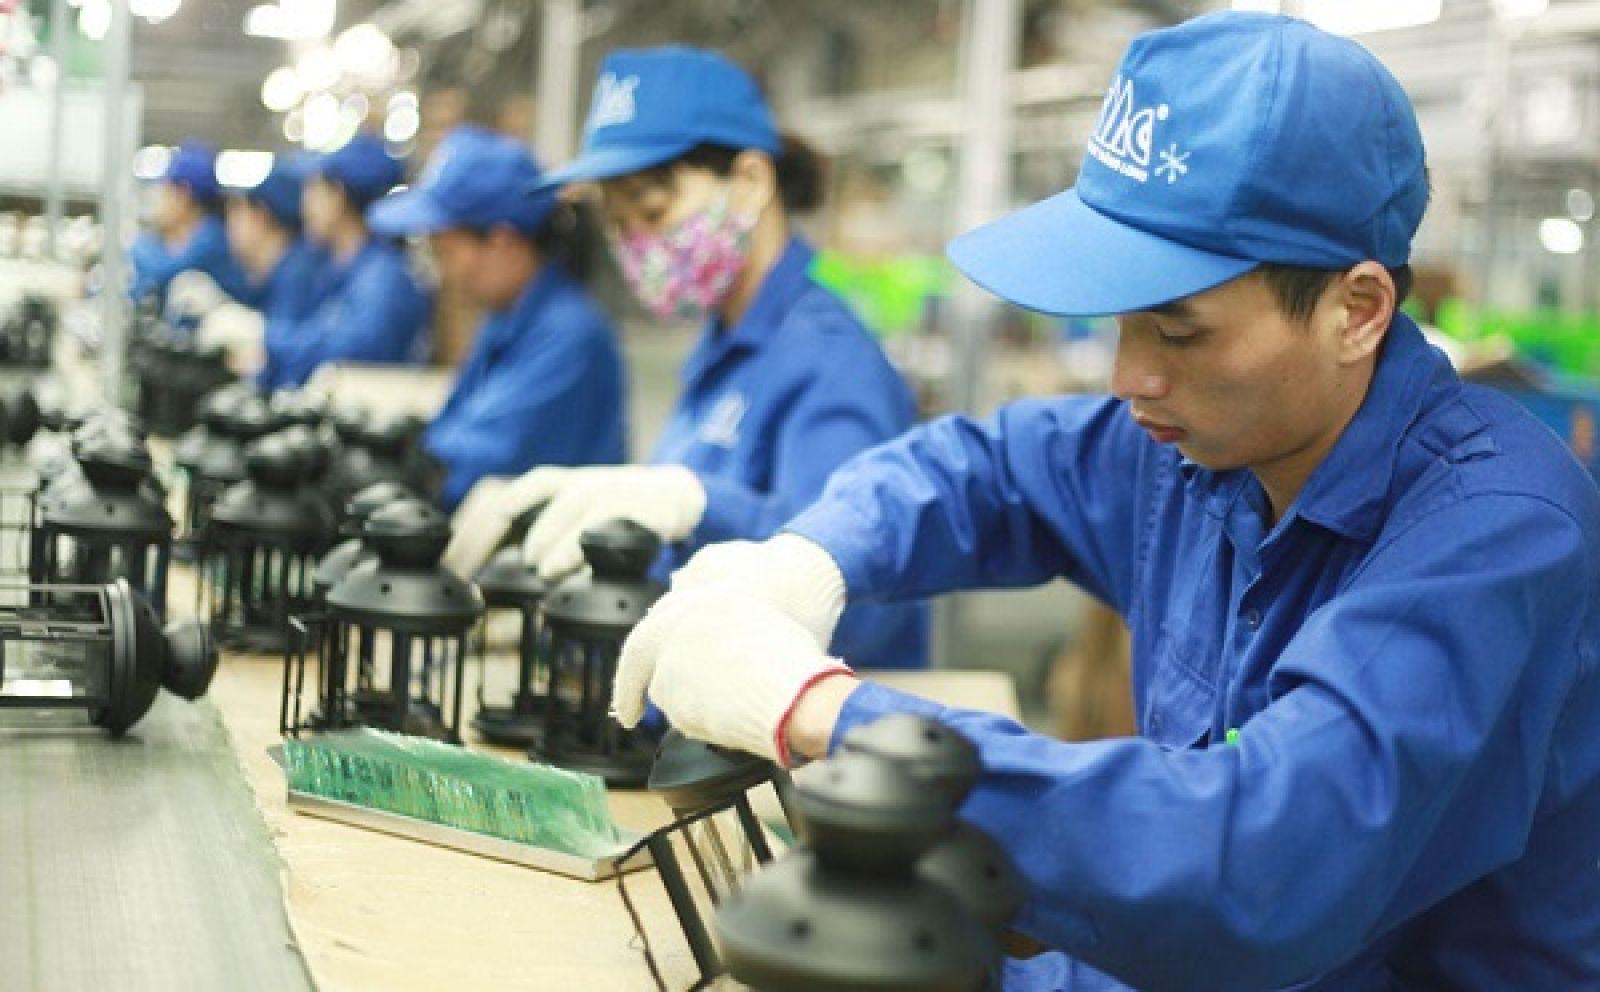 Chính phủ duyệt kế hoạch đào tạo lại ít nhất 300.000 lượt lao động để đáp ứng yêu cầu mới